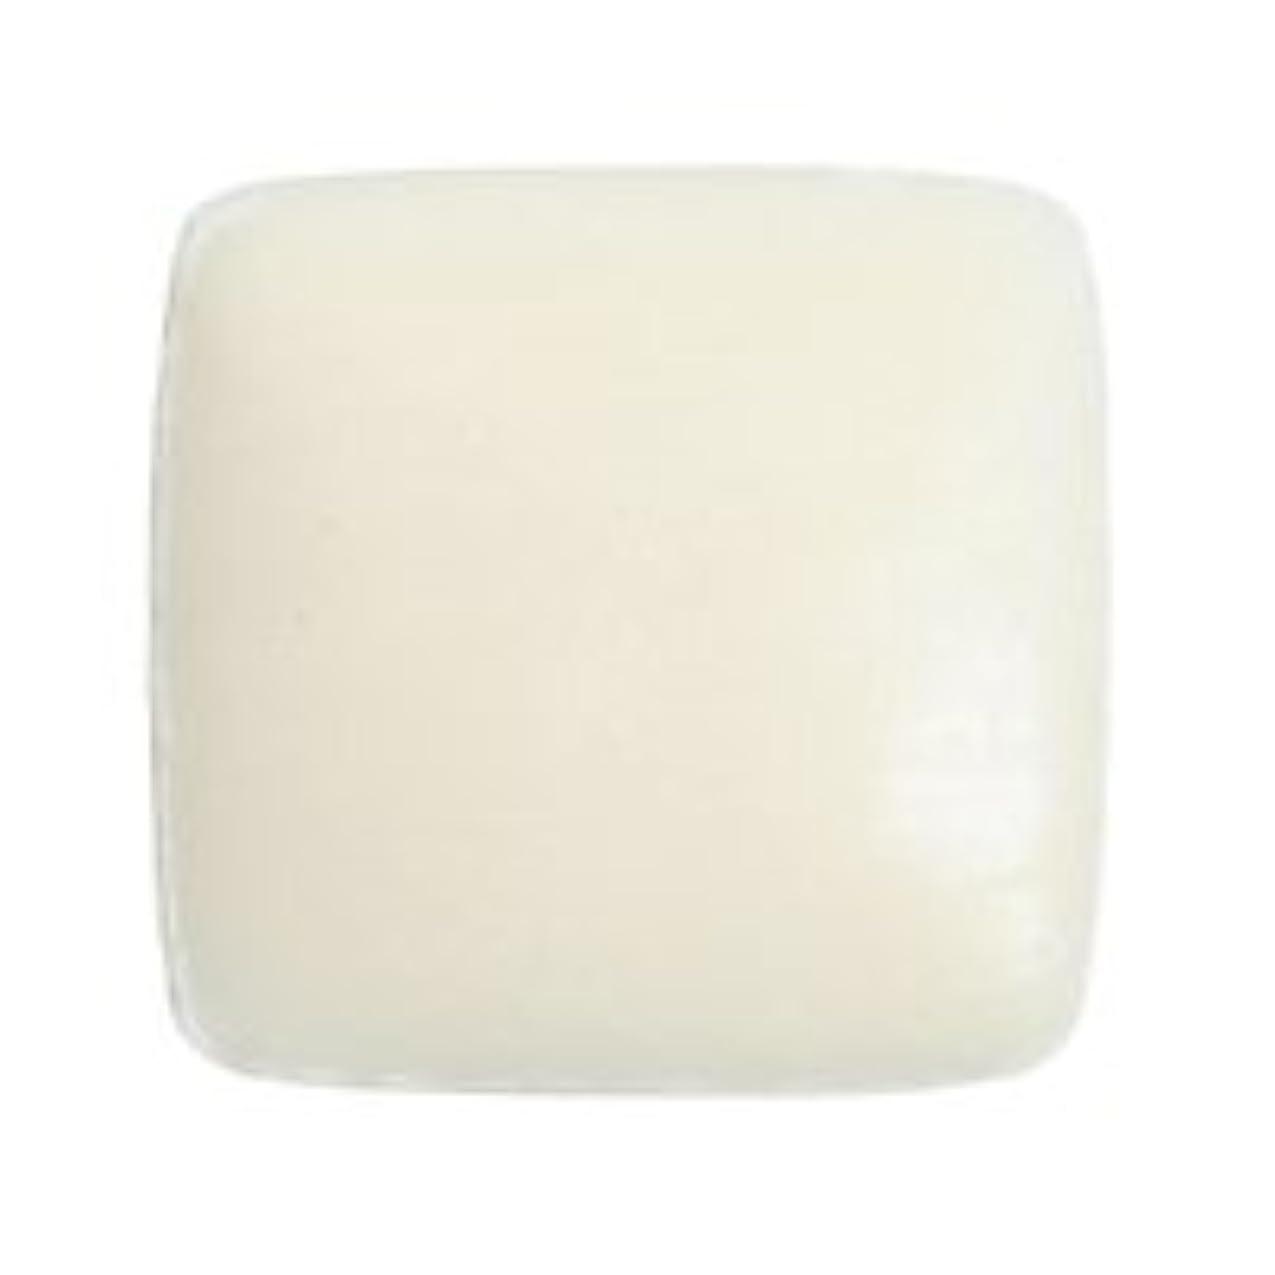 見かけ上解放反対するドクターY ホワイトクレイソープ80g 固形石鹸